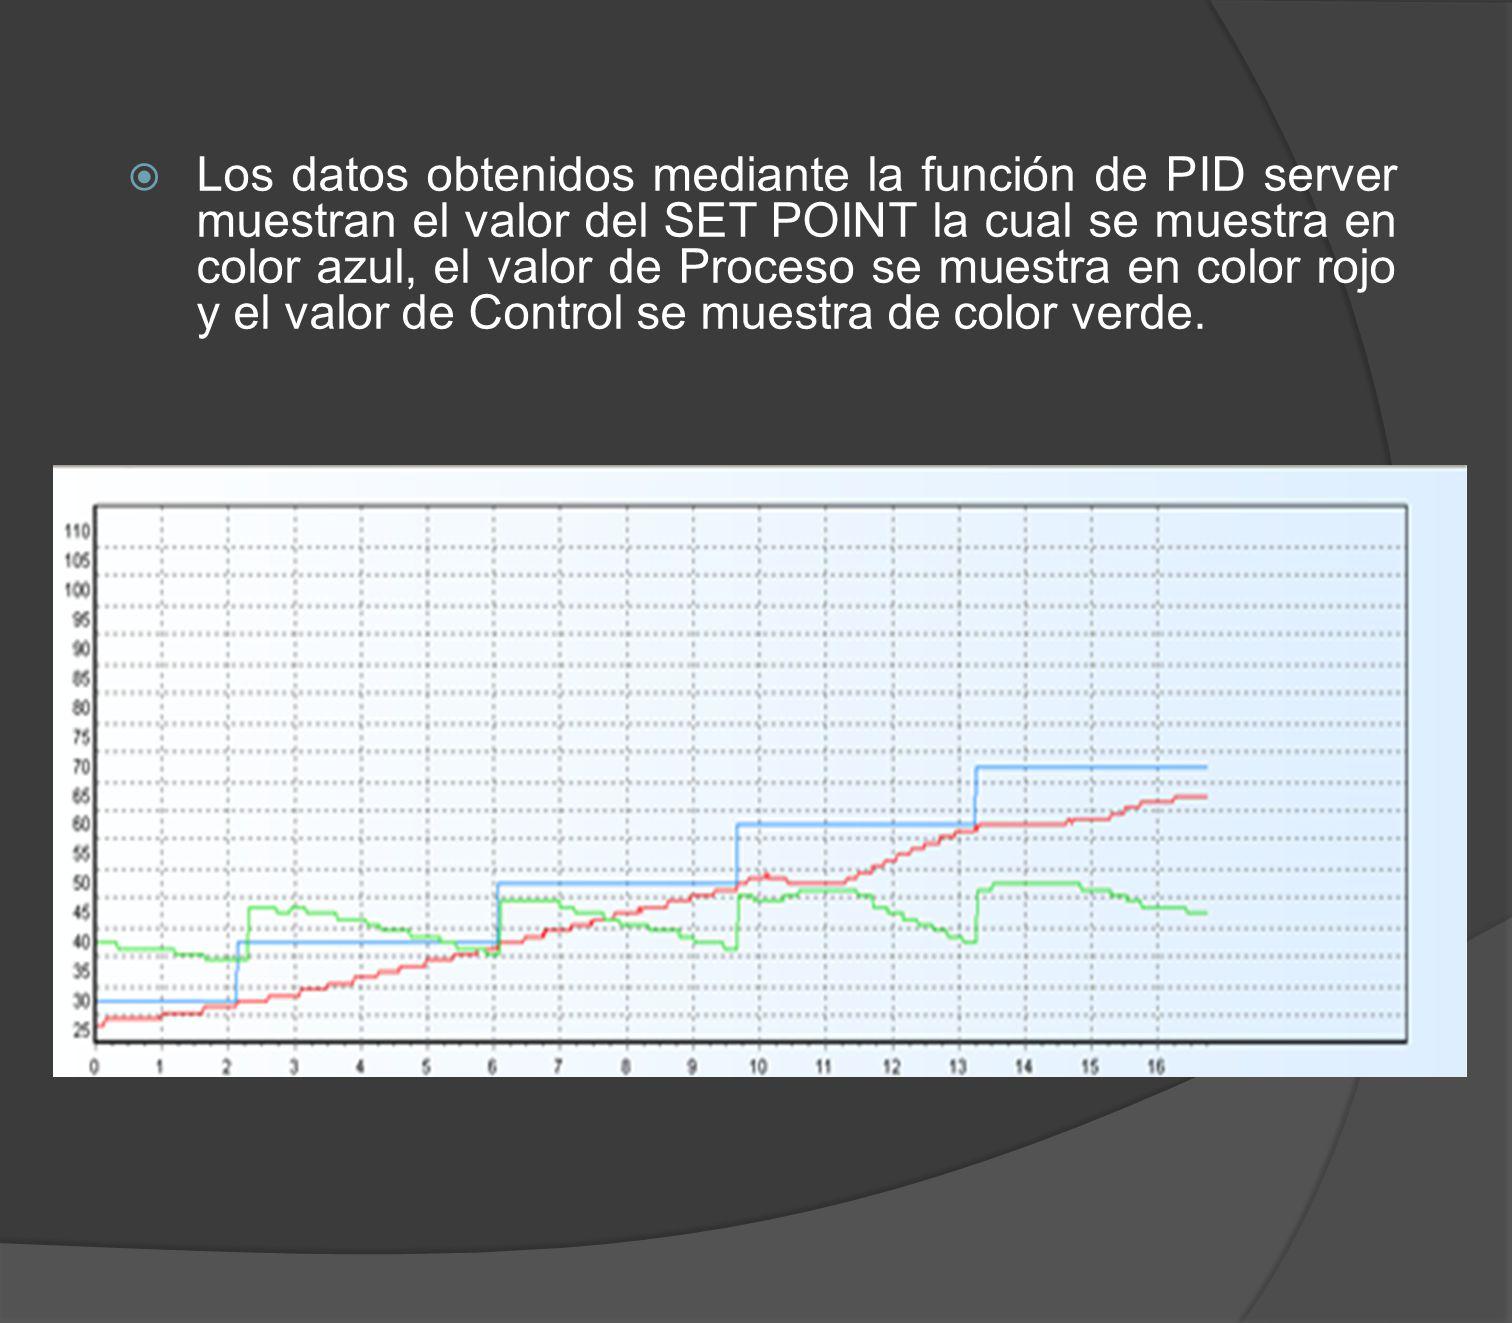 Los datos obtenidos mediante la función de PID server muestran el valor del SET POINT la cual se muestra en color azul, el valor de Proceso se muestra en color rojo y el valor de Control se muestra de color verde.